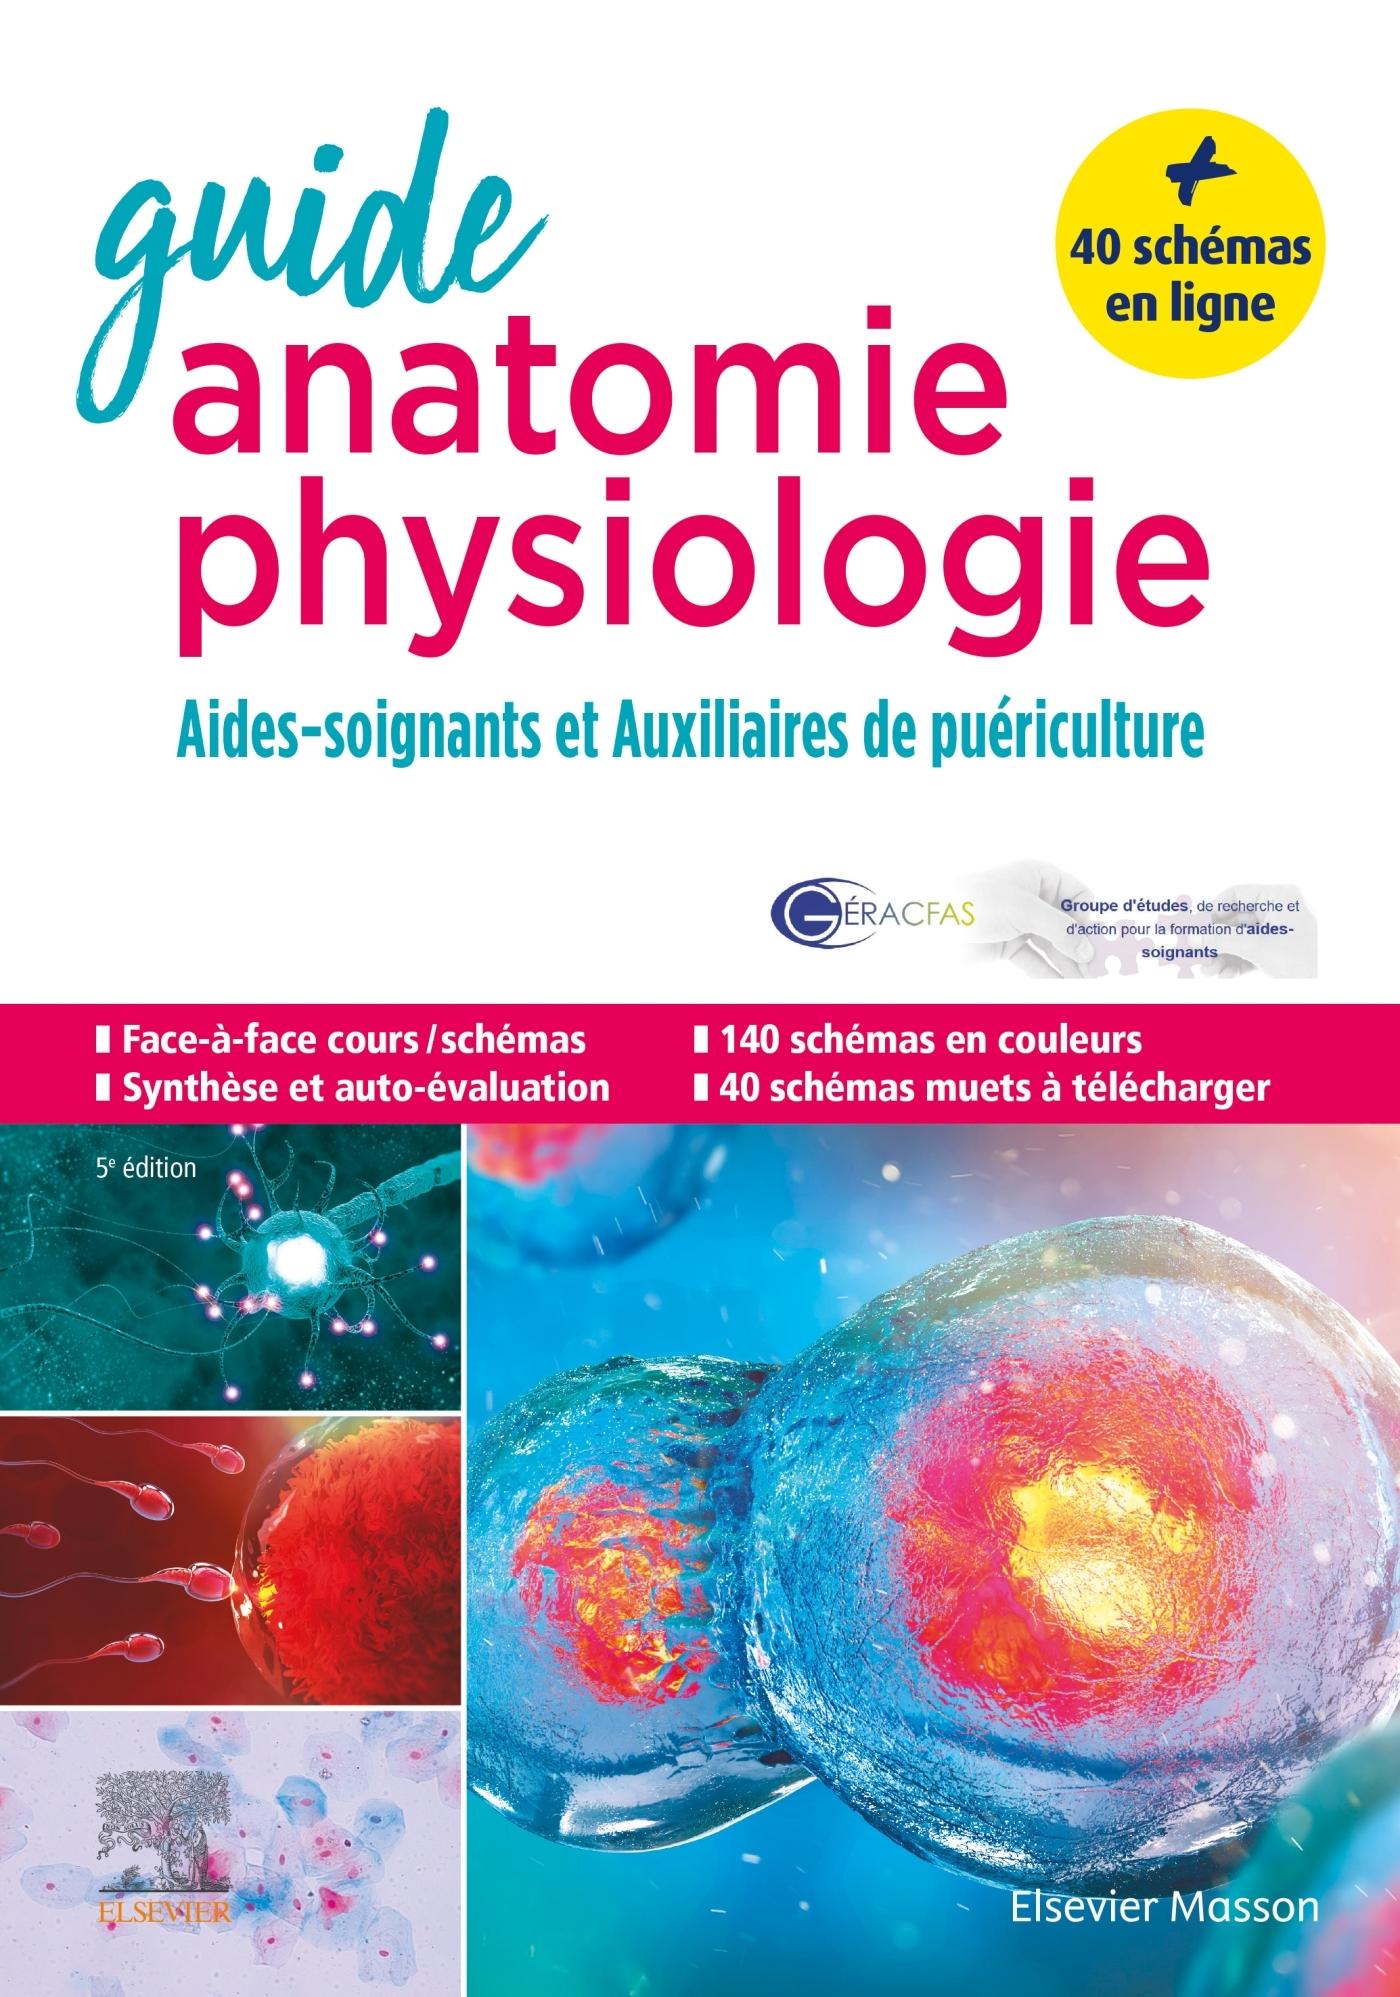 GUIDE ANATOMIE ET PHYSIOLOGIE POUR LES AS ET AP - AIDES-SOIGNANTS ET AUXILIAIRES DE PUERICULTURE - L